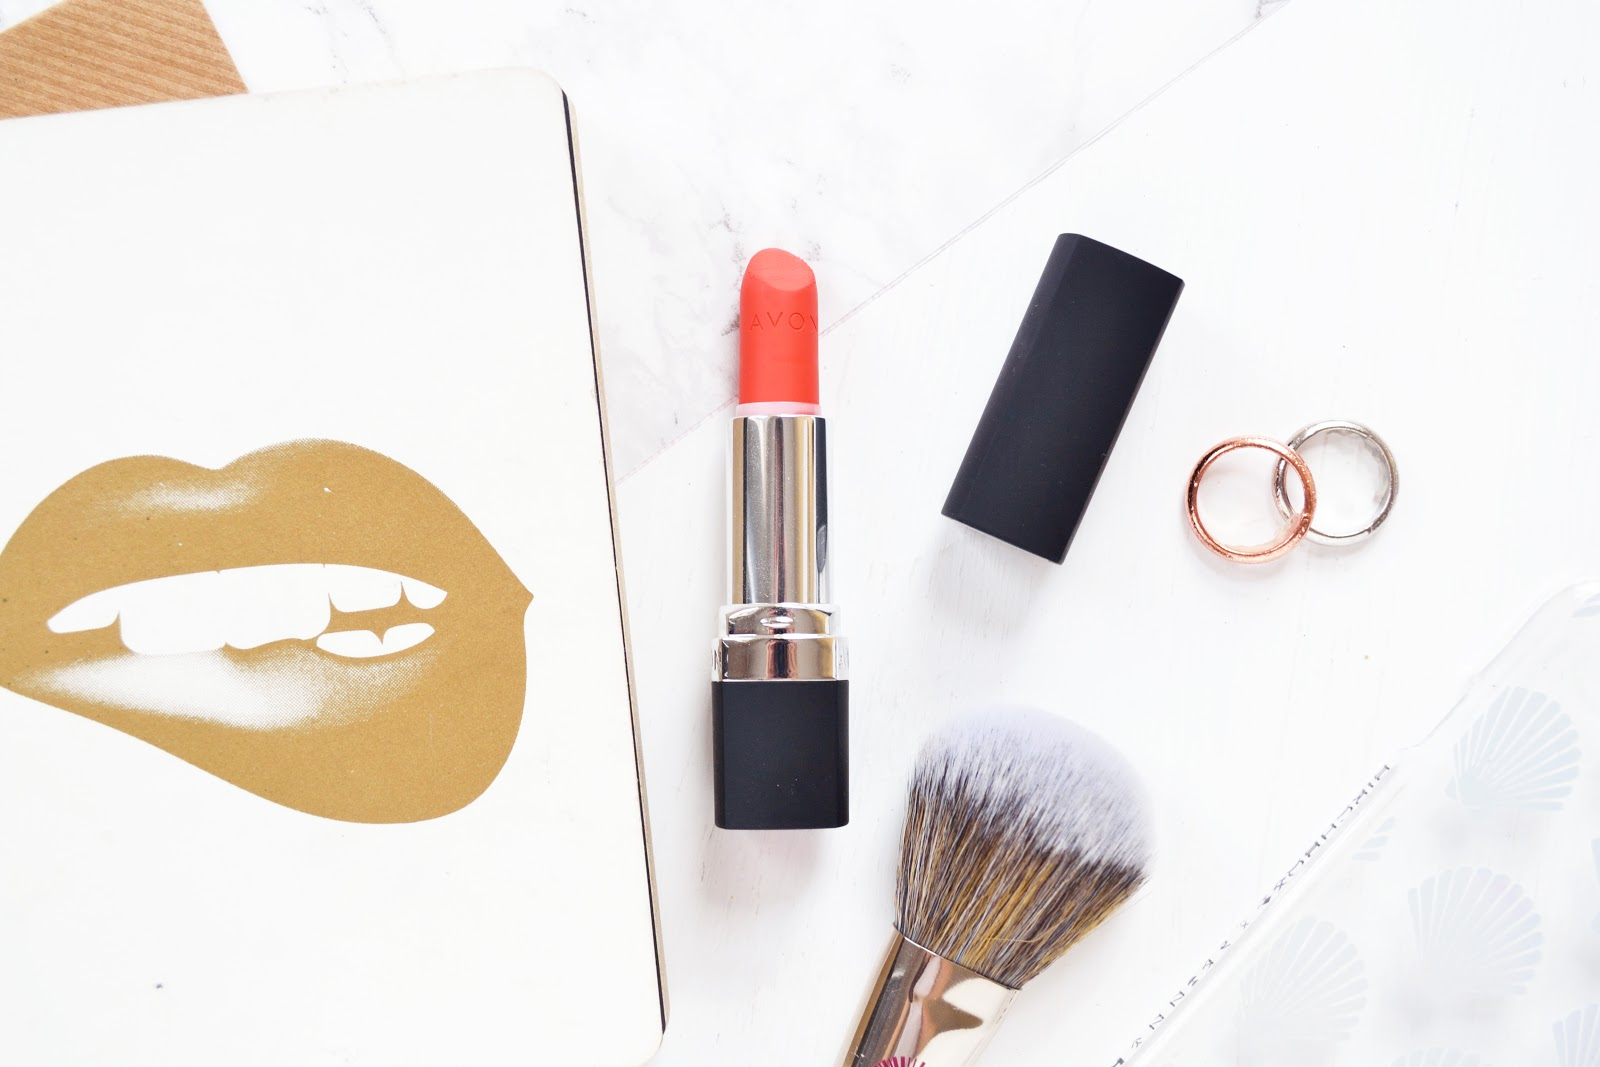 Avon true colour perfectly matte coral fever lipstick